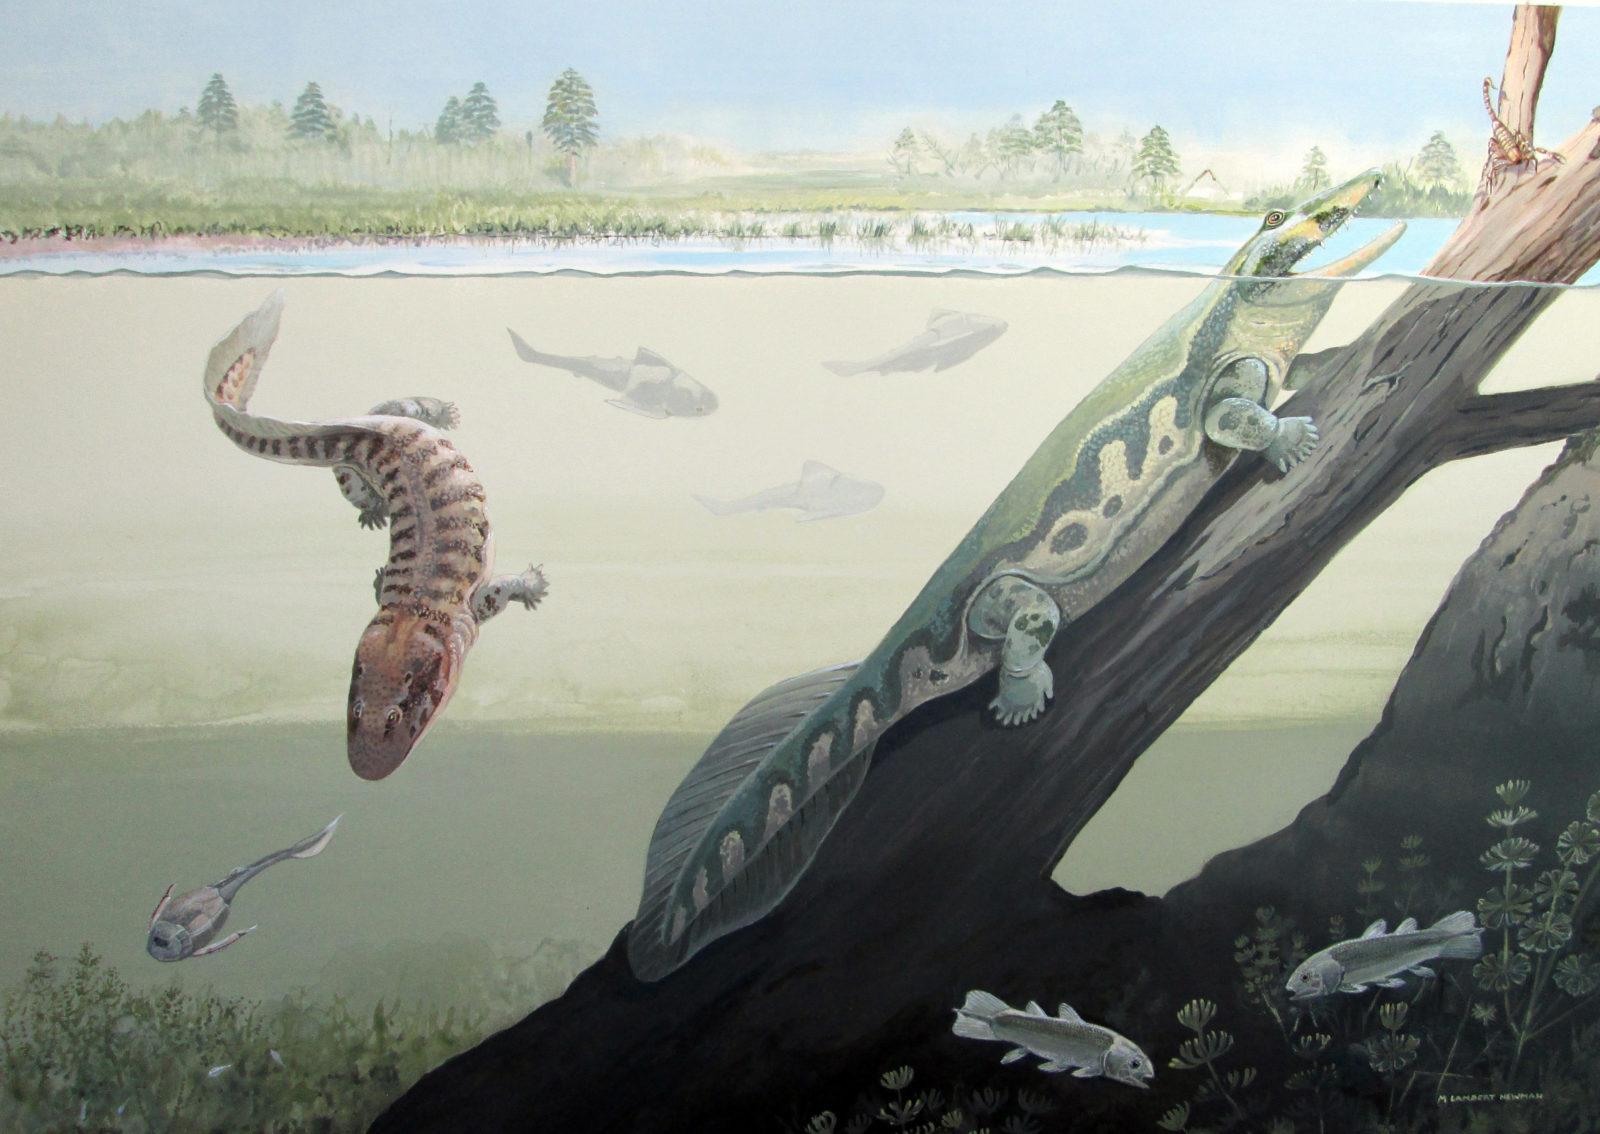 Lược sử tiến hóa của sự sống trên Trái Đất